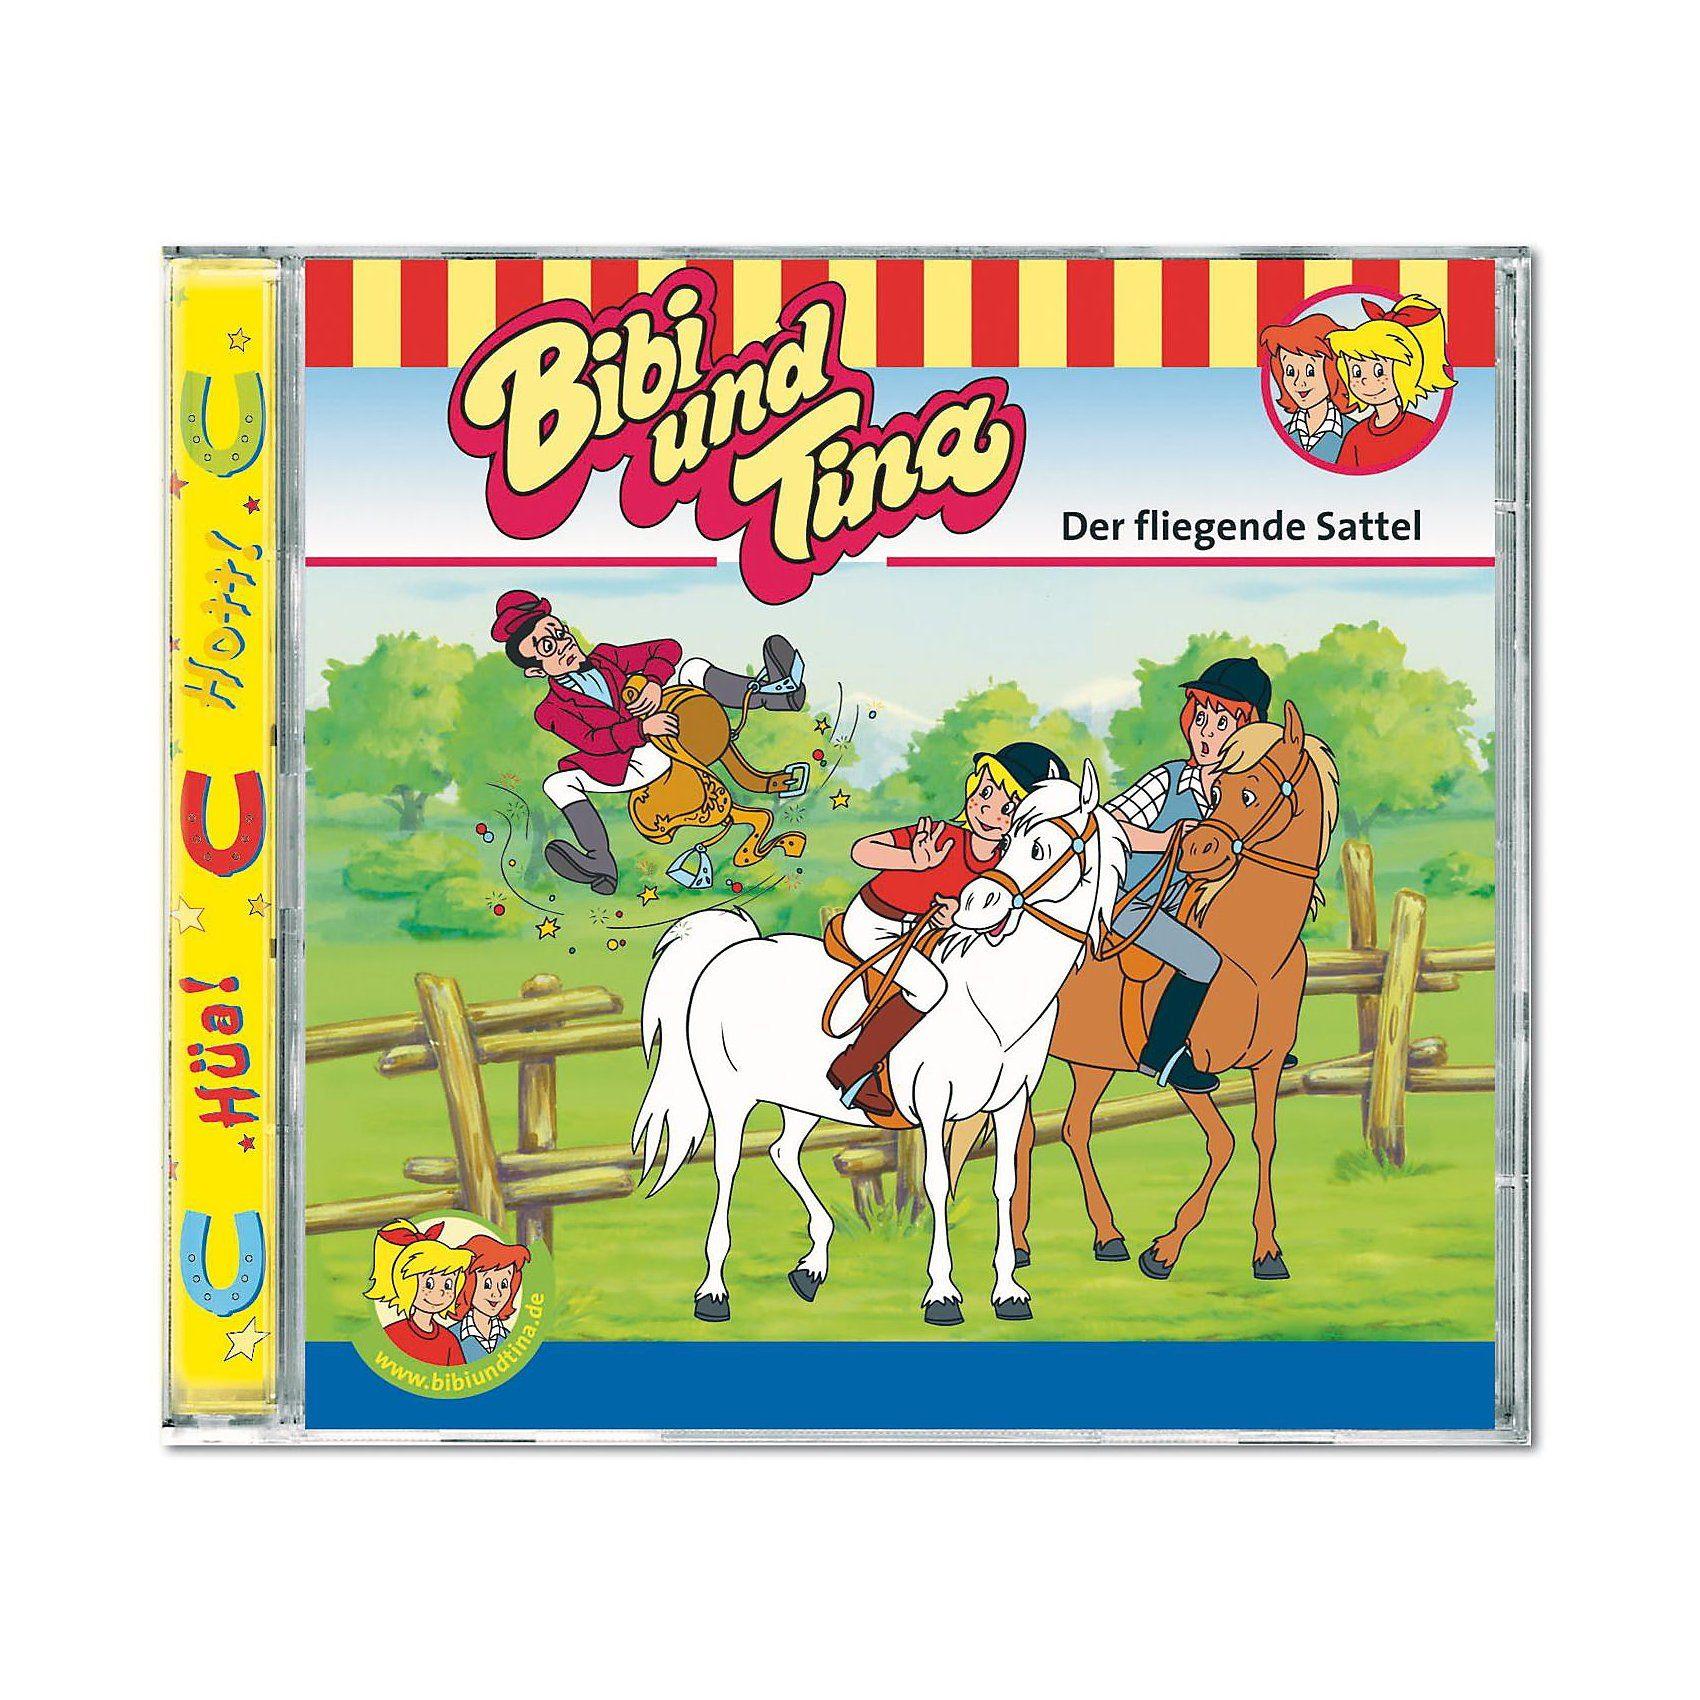 Kiddinx CD Bibi & Tina 09: Der fliegende Sattel